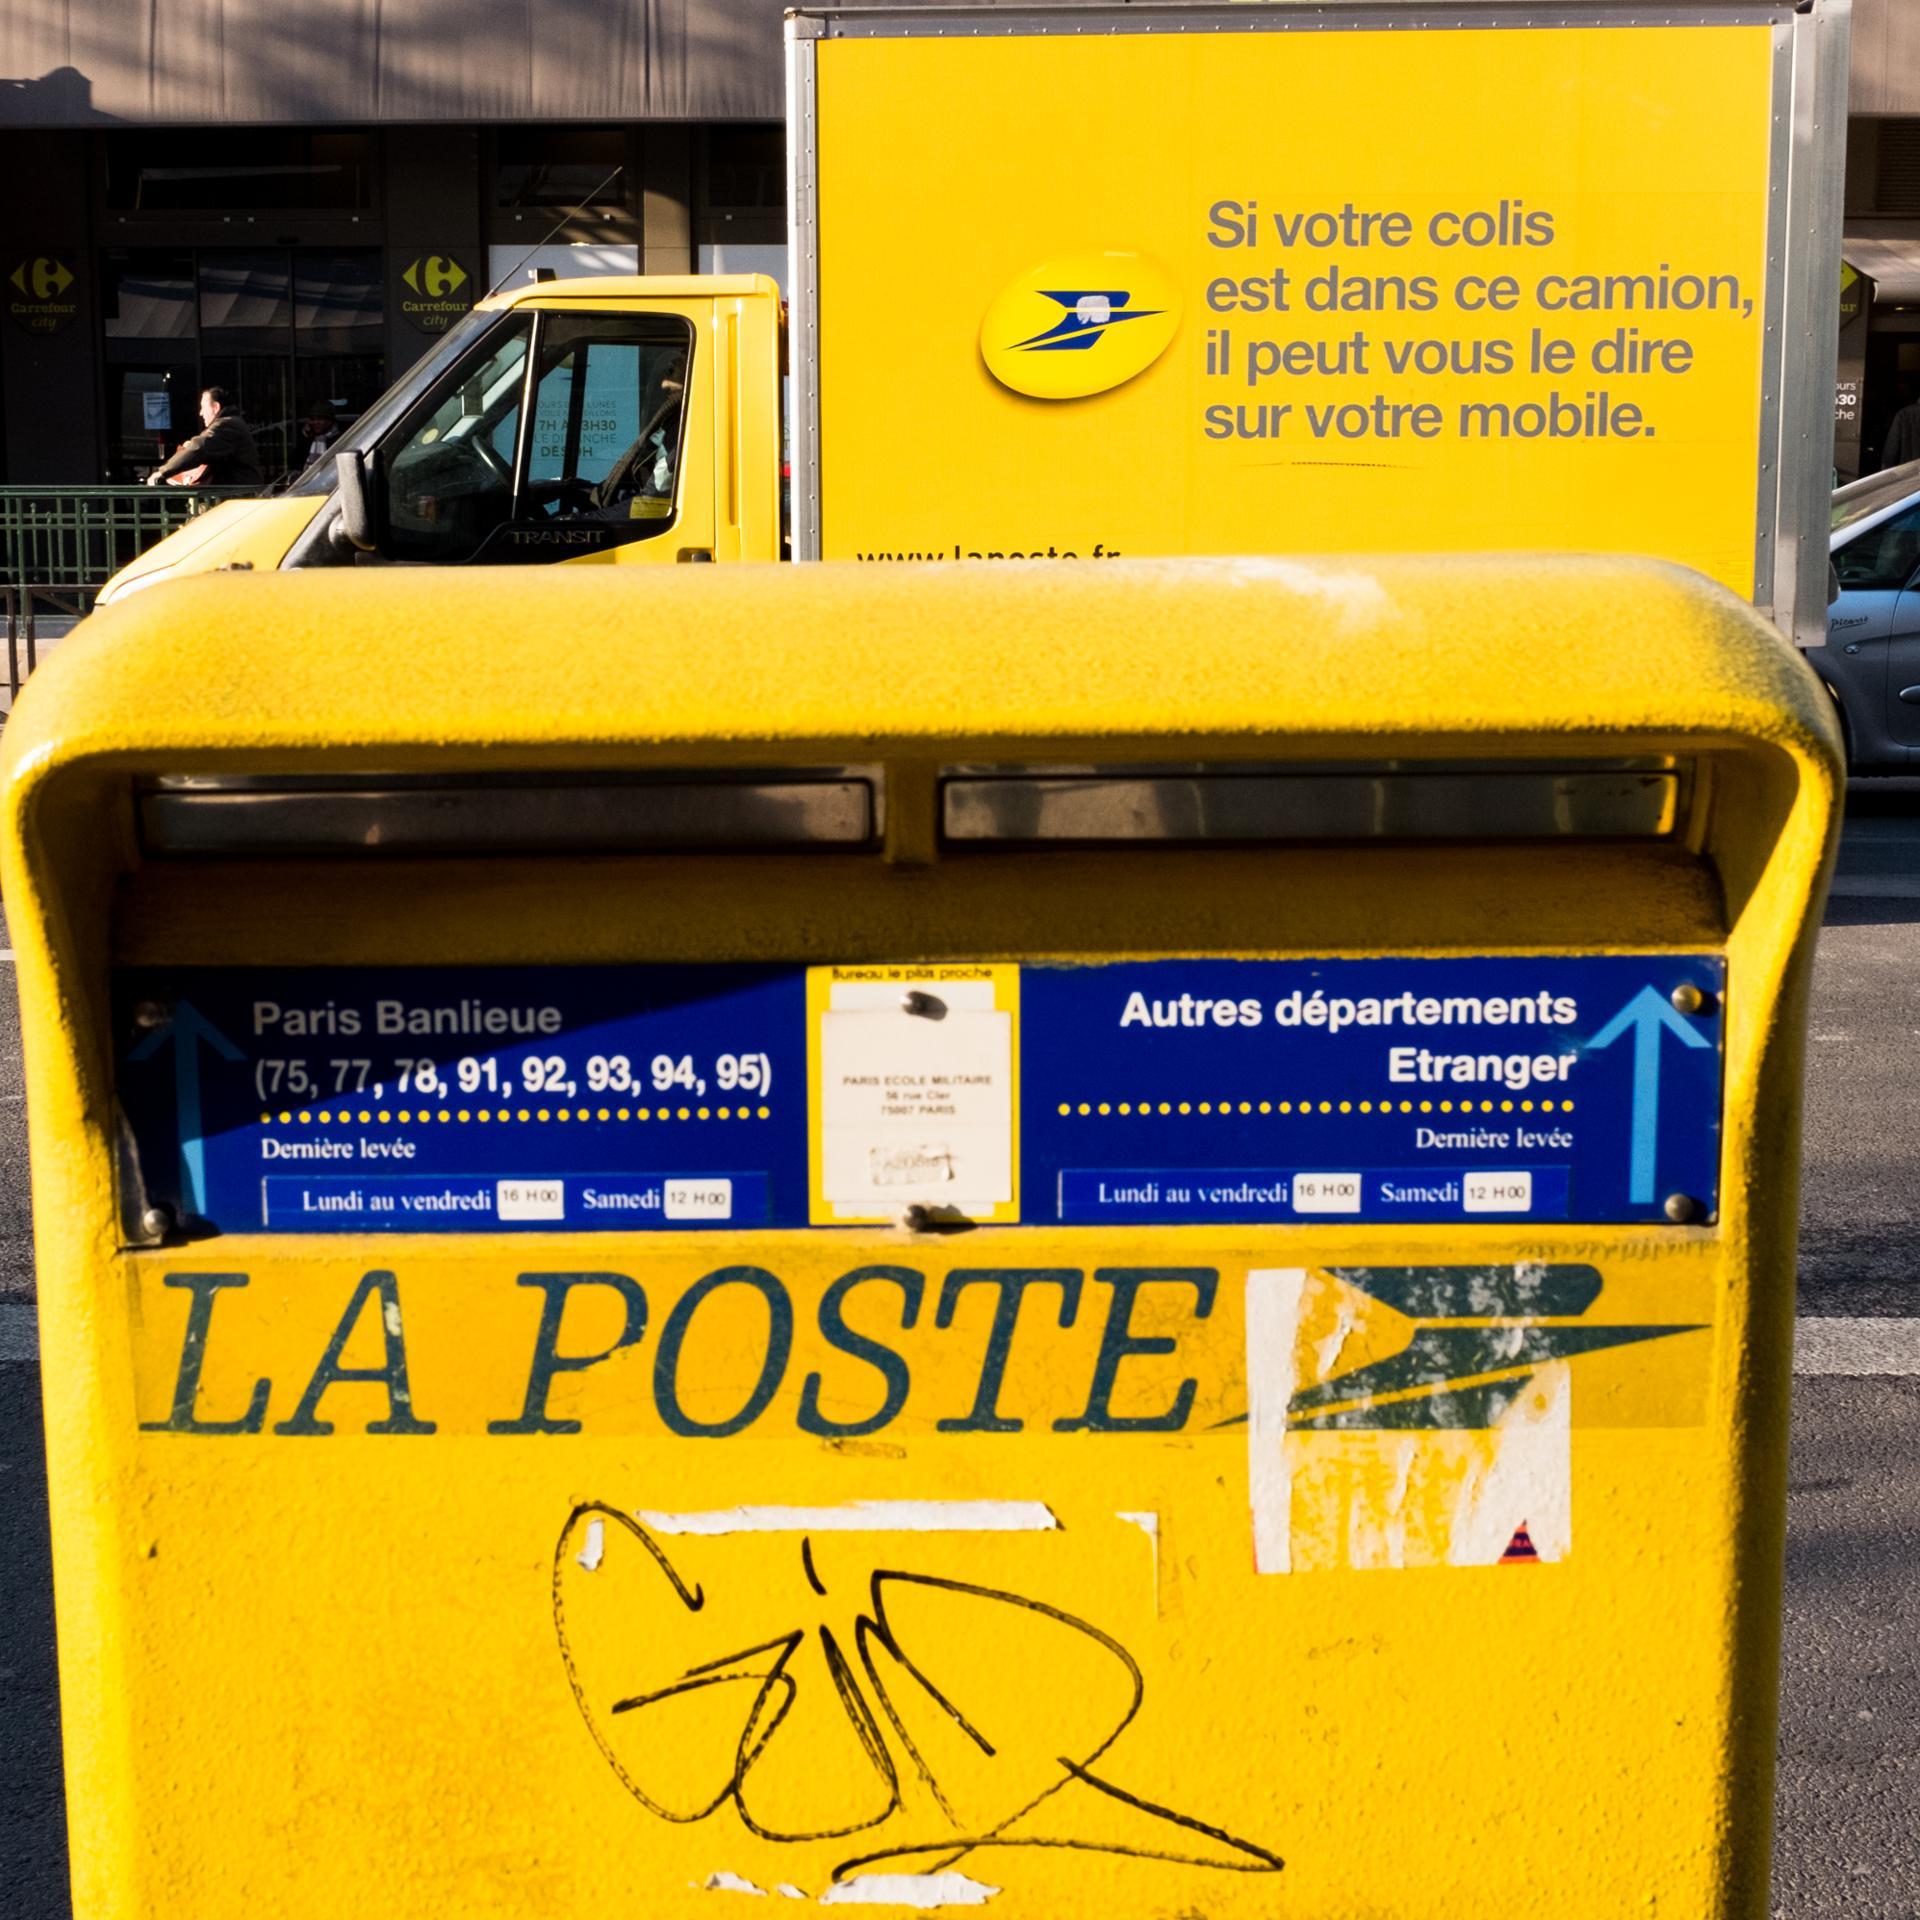 La poste est partout.001.jpg